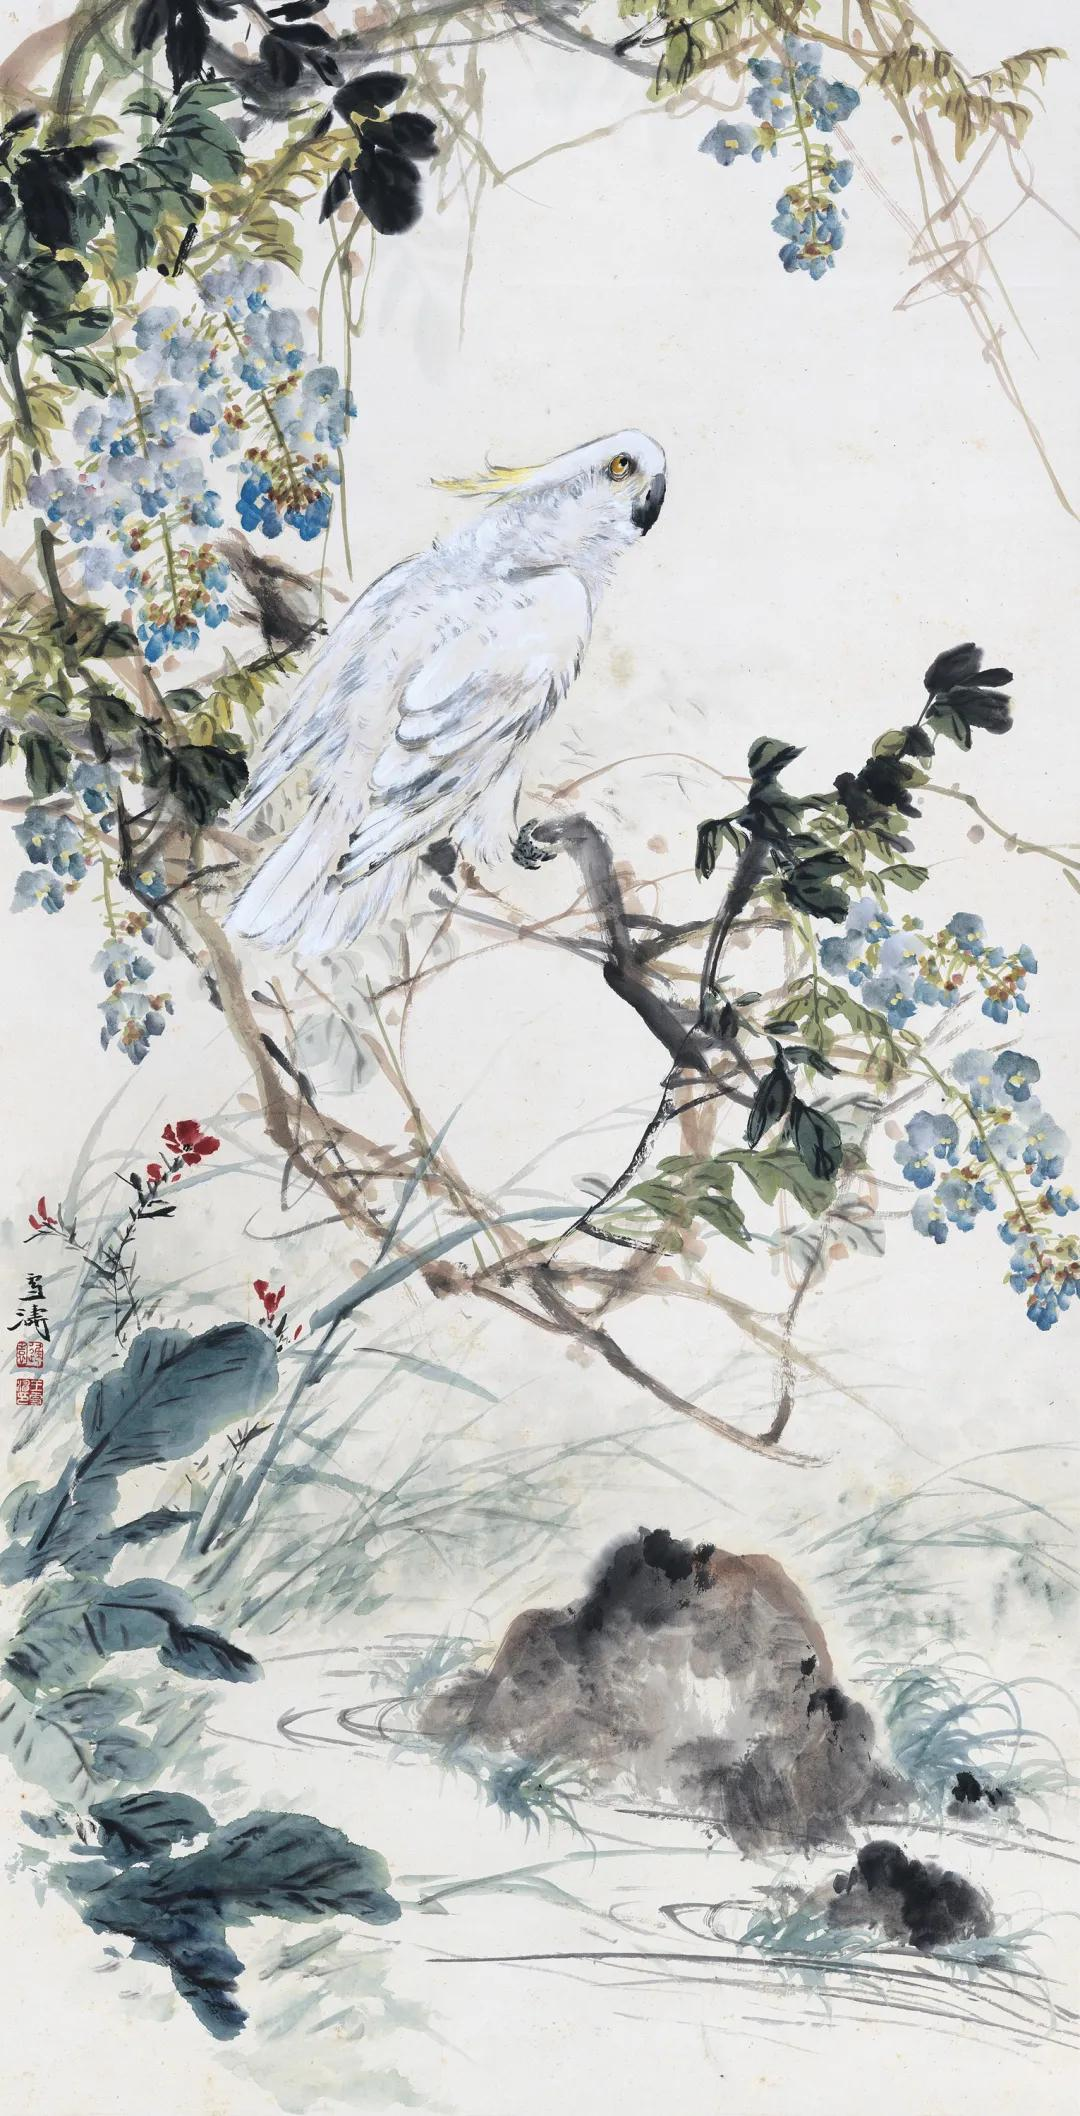 展讯 春风浓艳王雪涛作品展将于11月27日在荣宝斋大厦开展